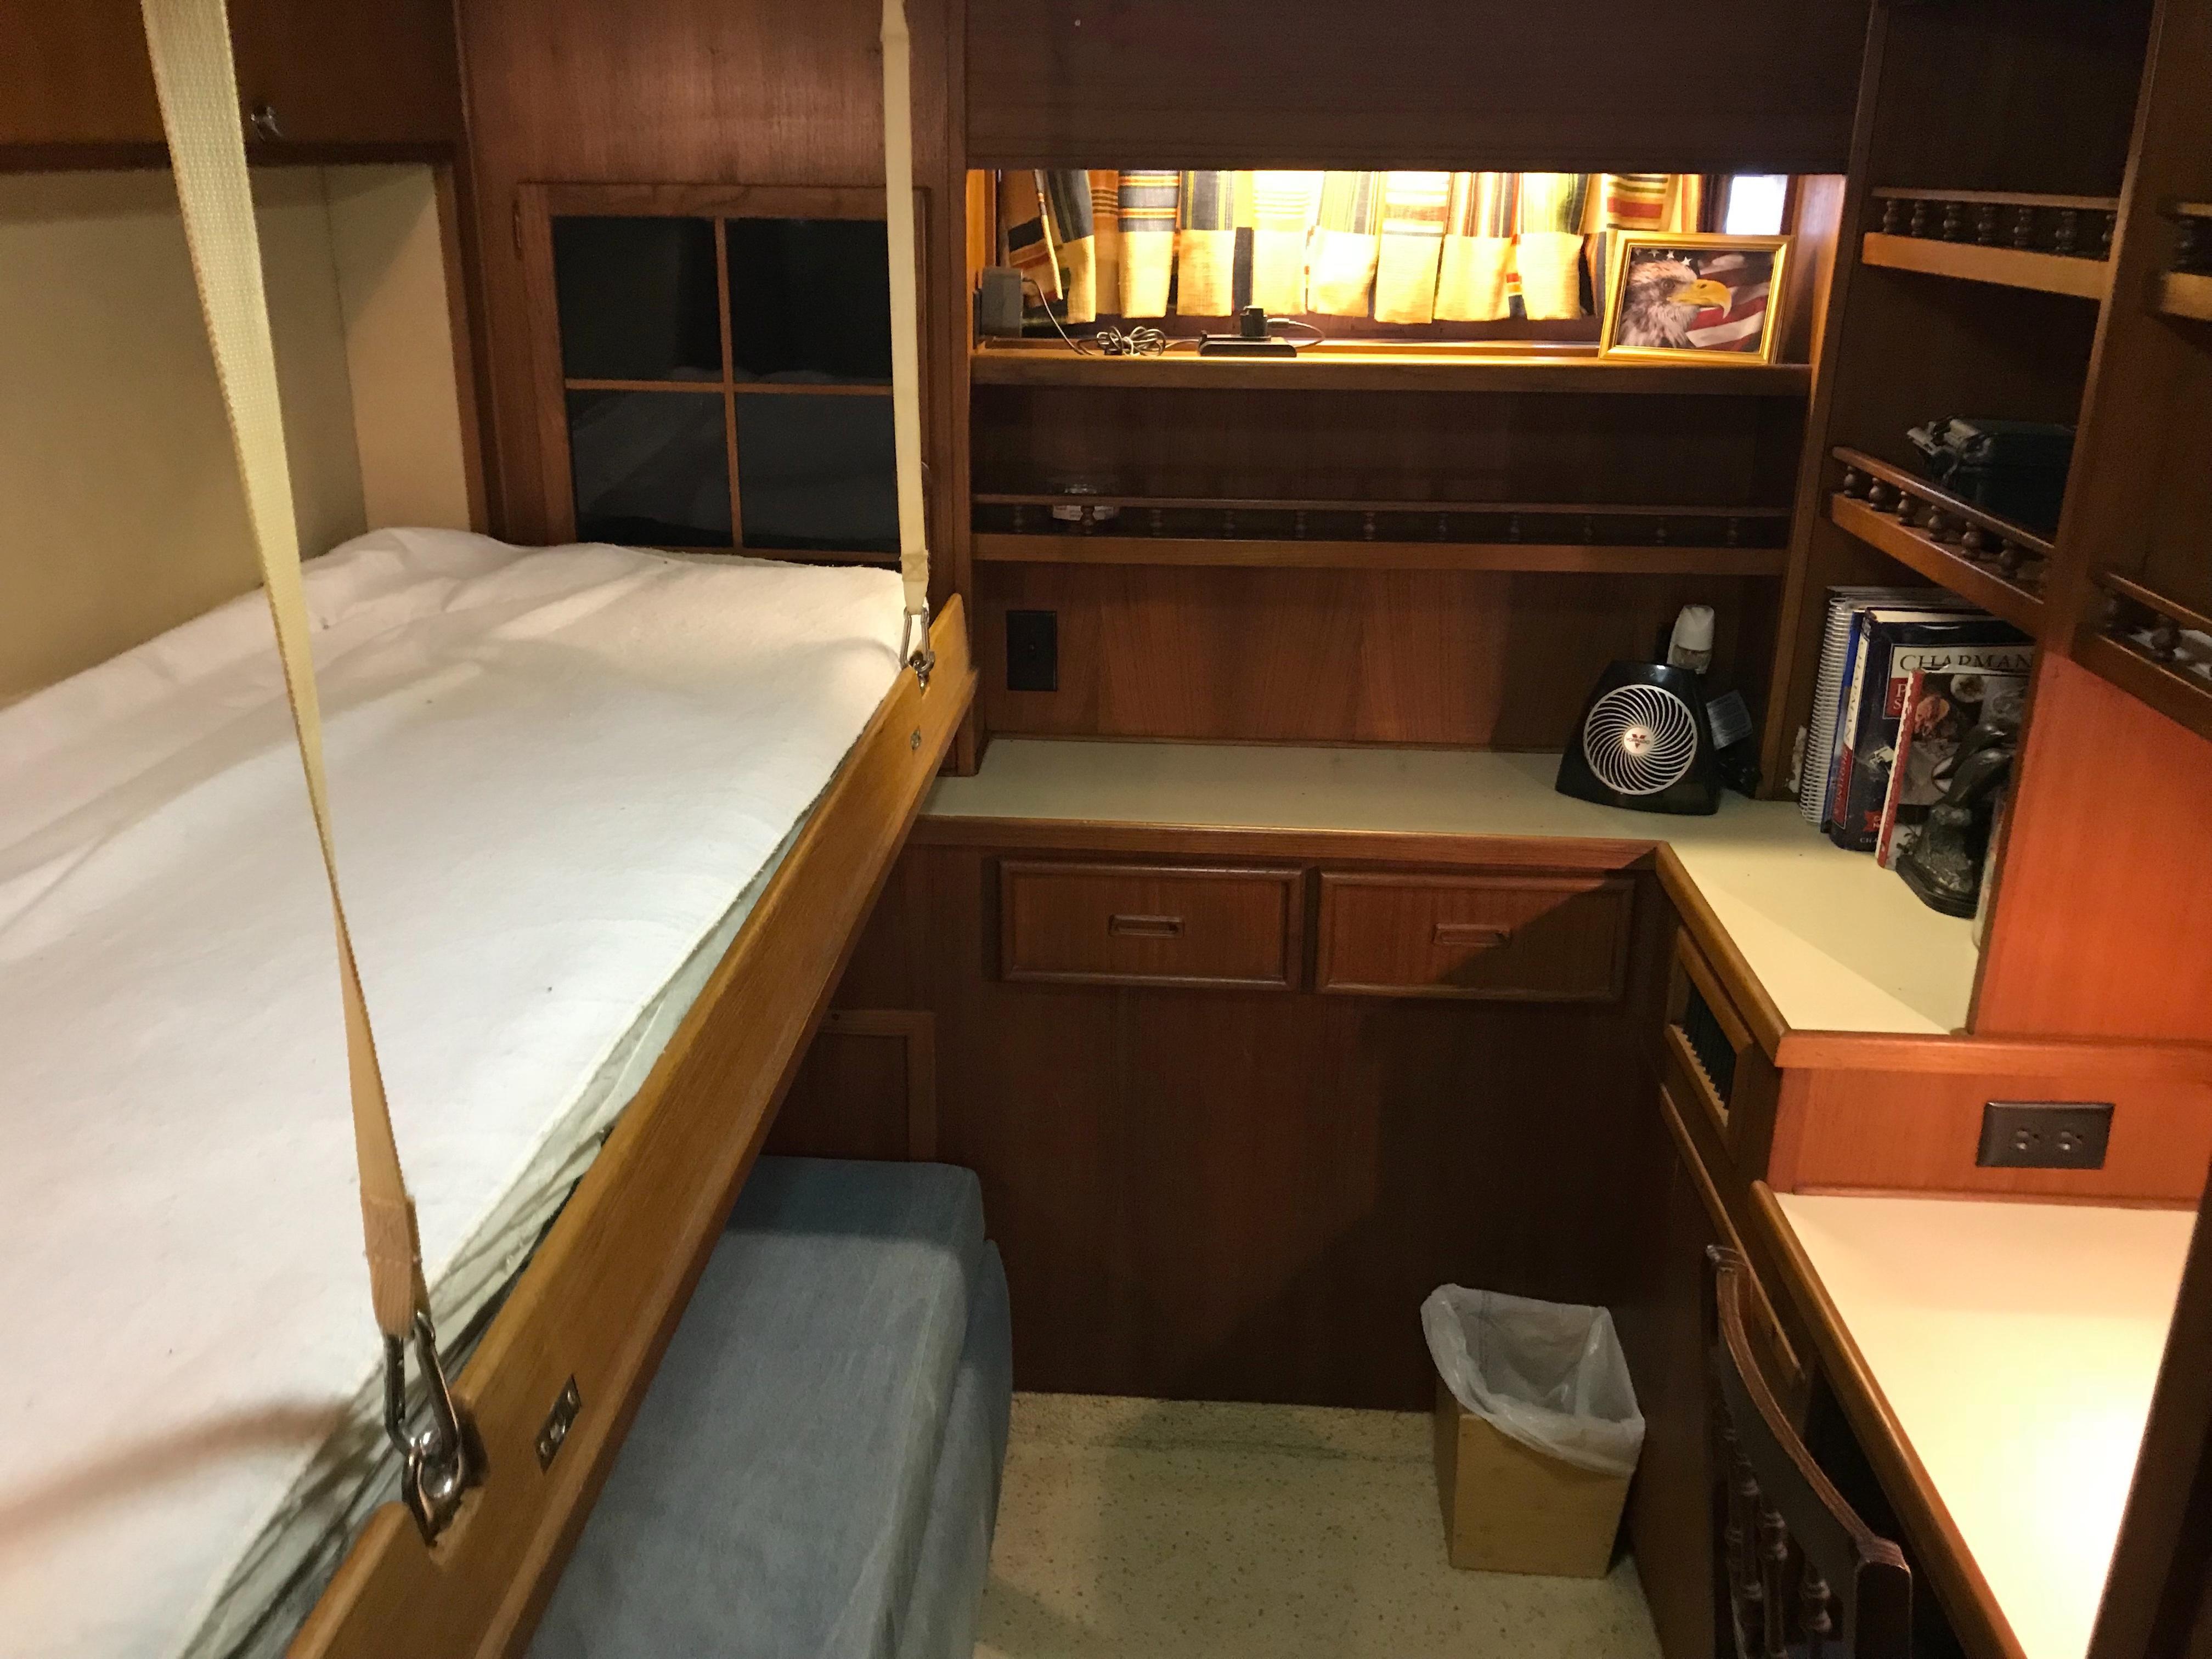 Chris-craft 46 Constellation - Pullman Bunk in Third Stateroom